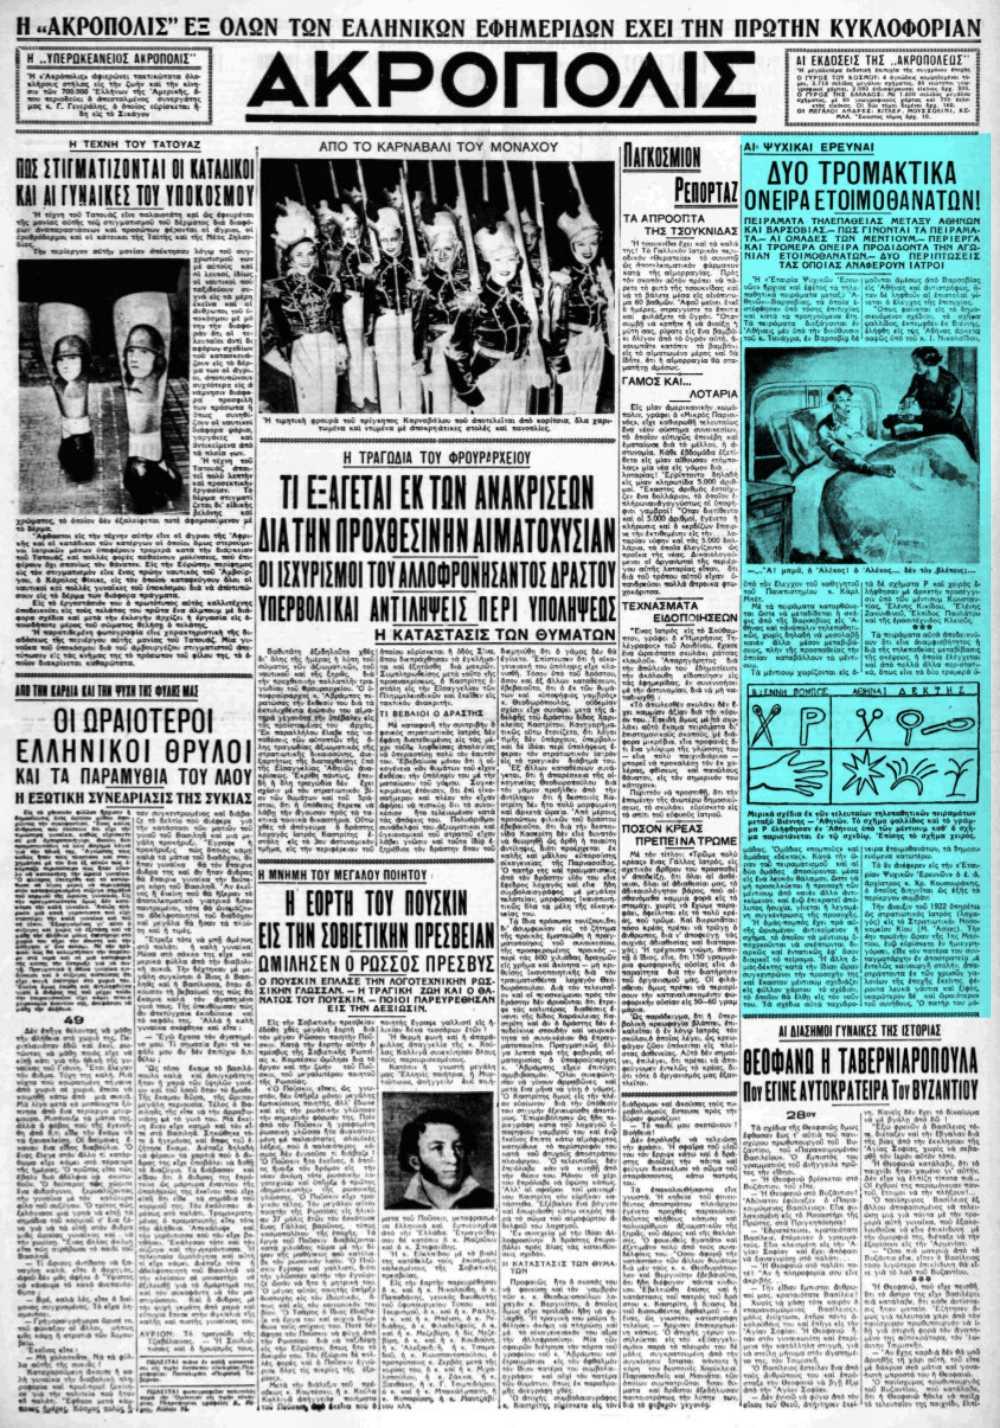 """Το άρθρο, όπως δημοσιεύθηκε στην εφημερίδα """"ΑΚΡΟΠΟΛΙΣ"""", στις 06/03/1937"""